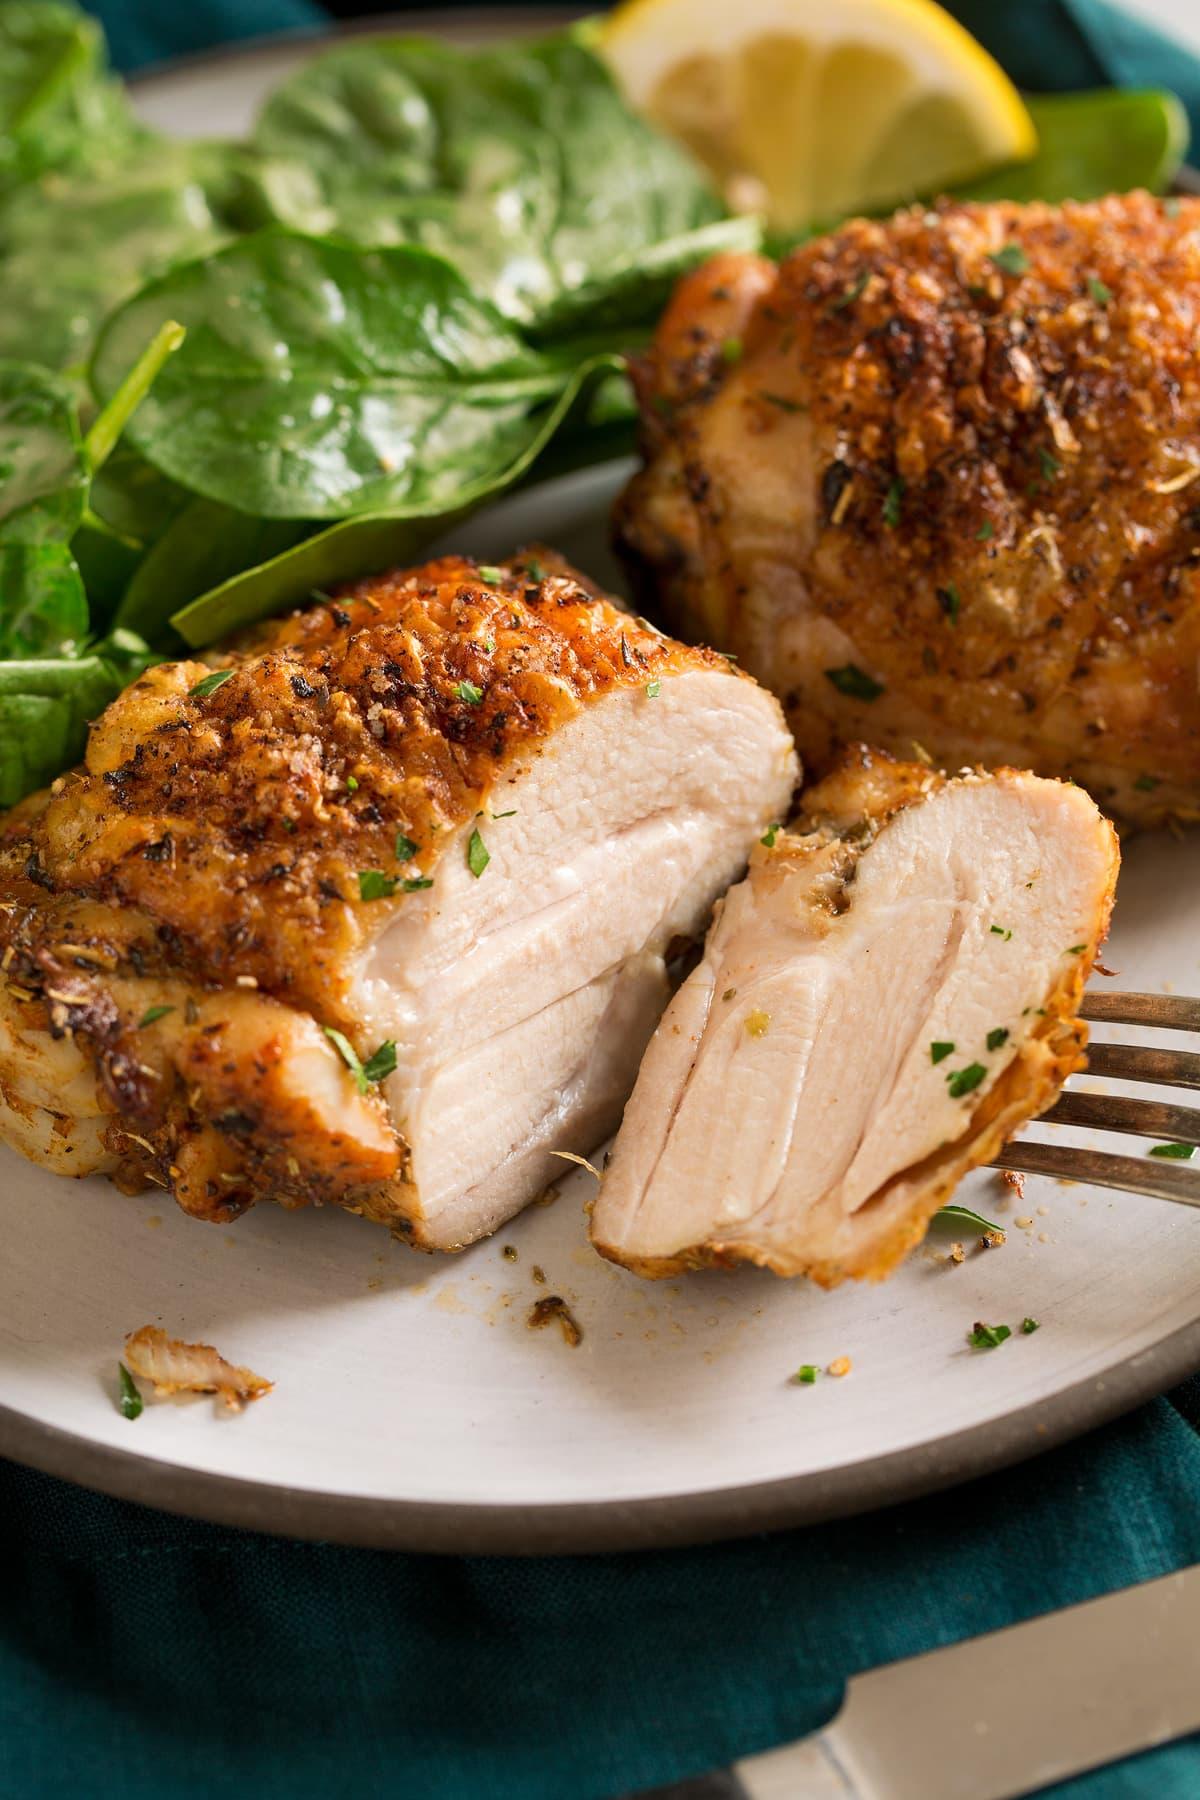 Muslo de pollo al horno cortado en rodajas en un plato para servir.